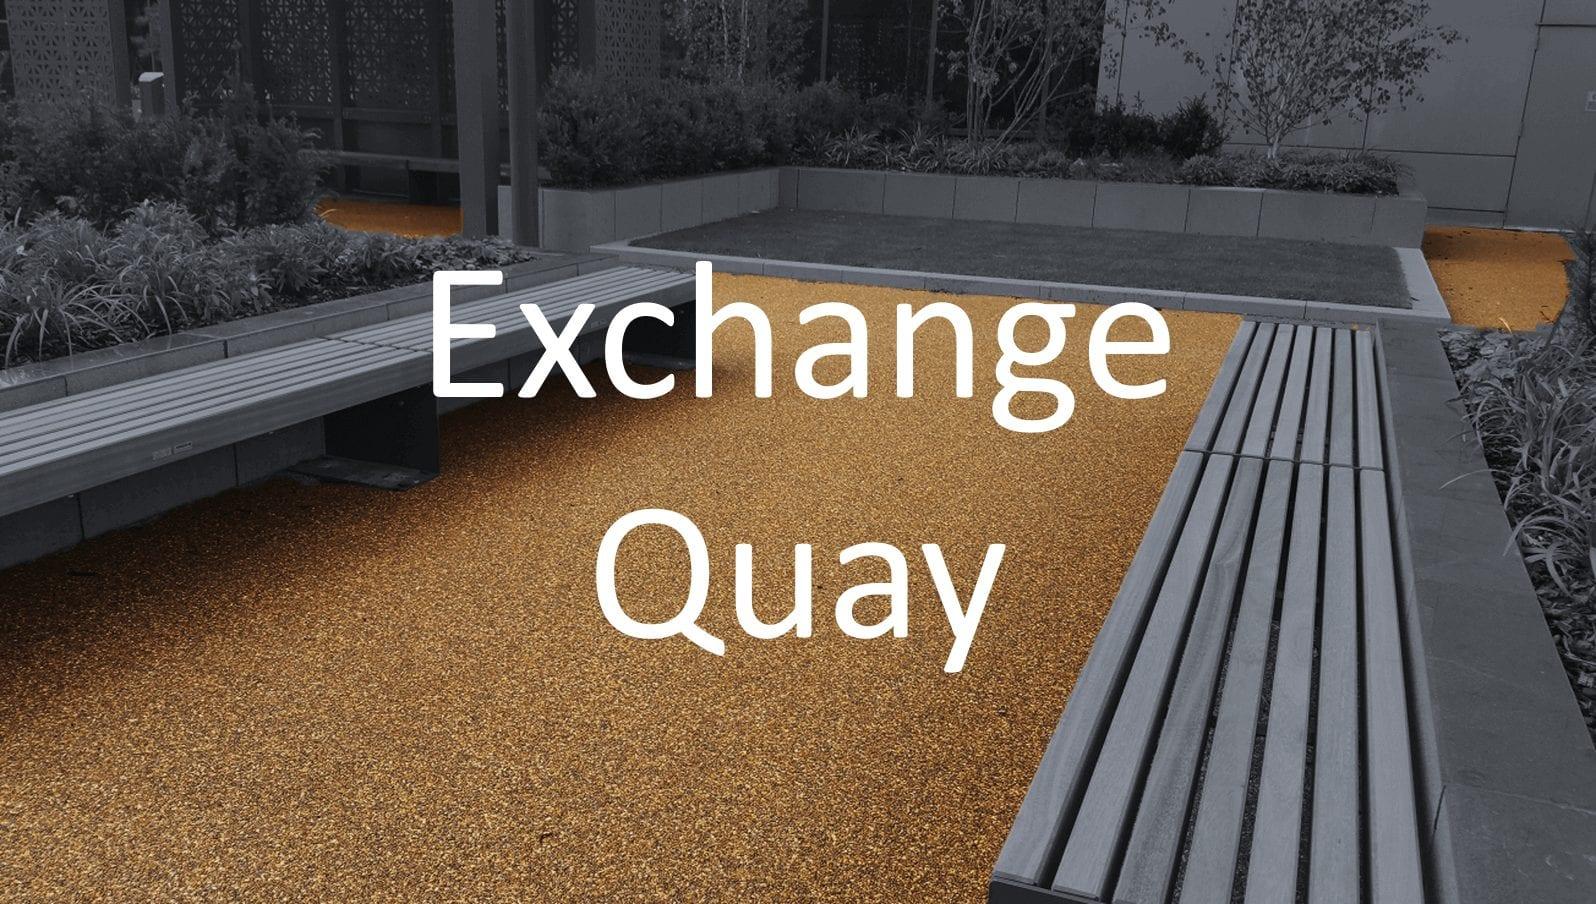 Exchange Quay